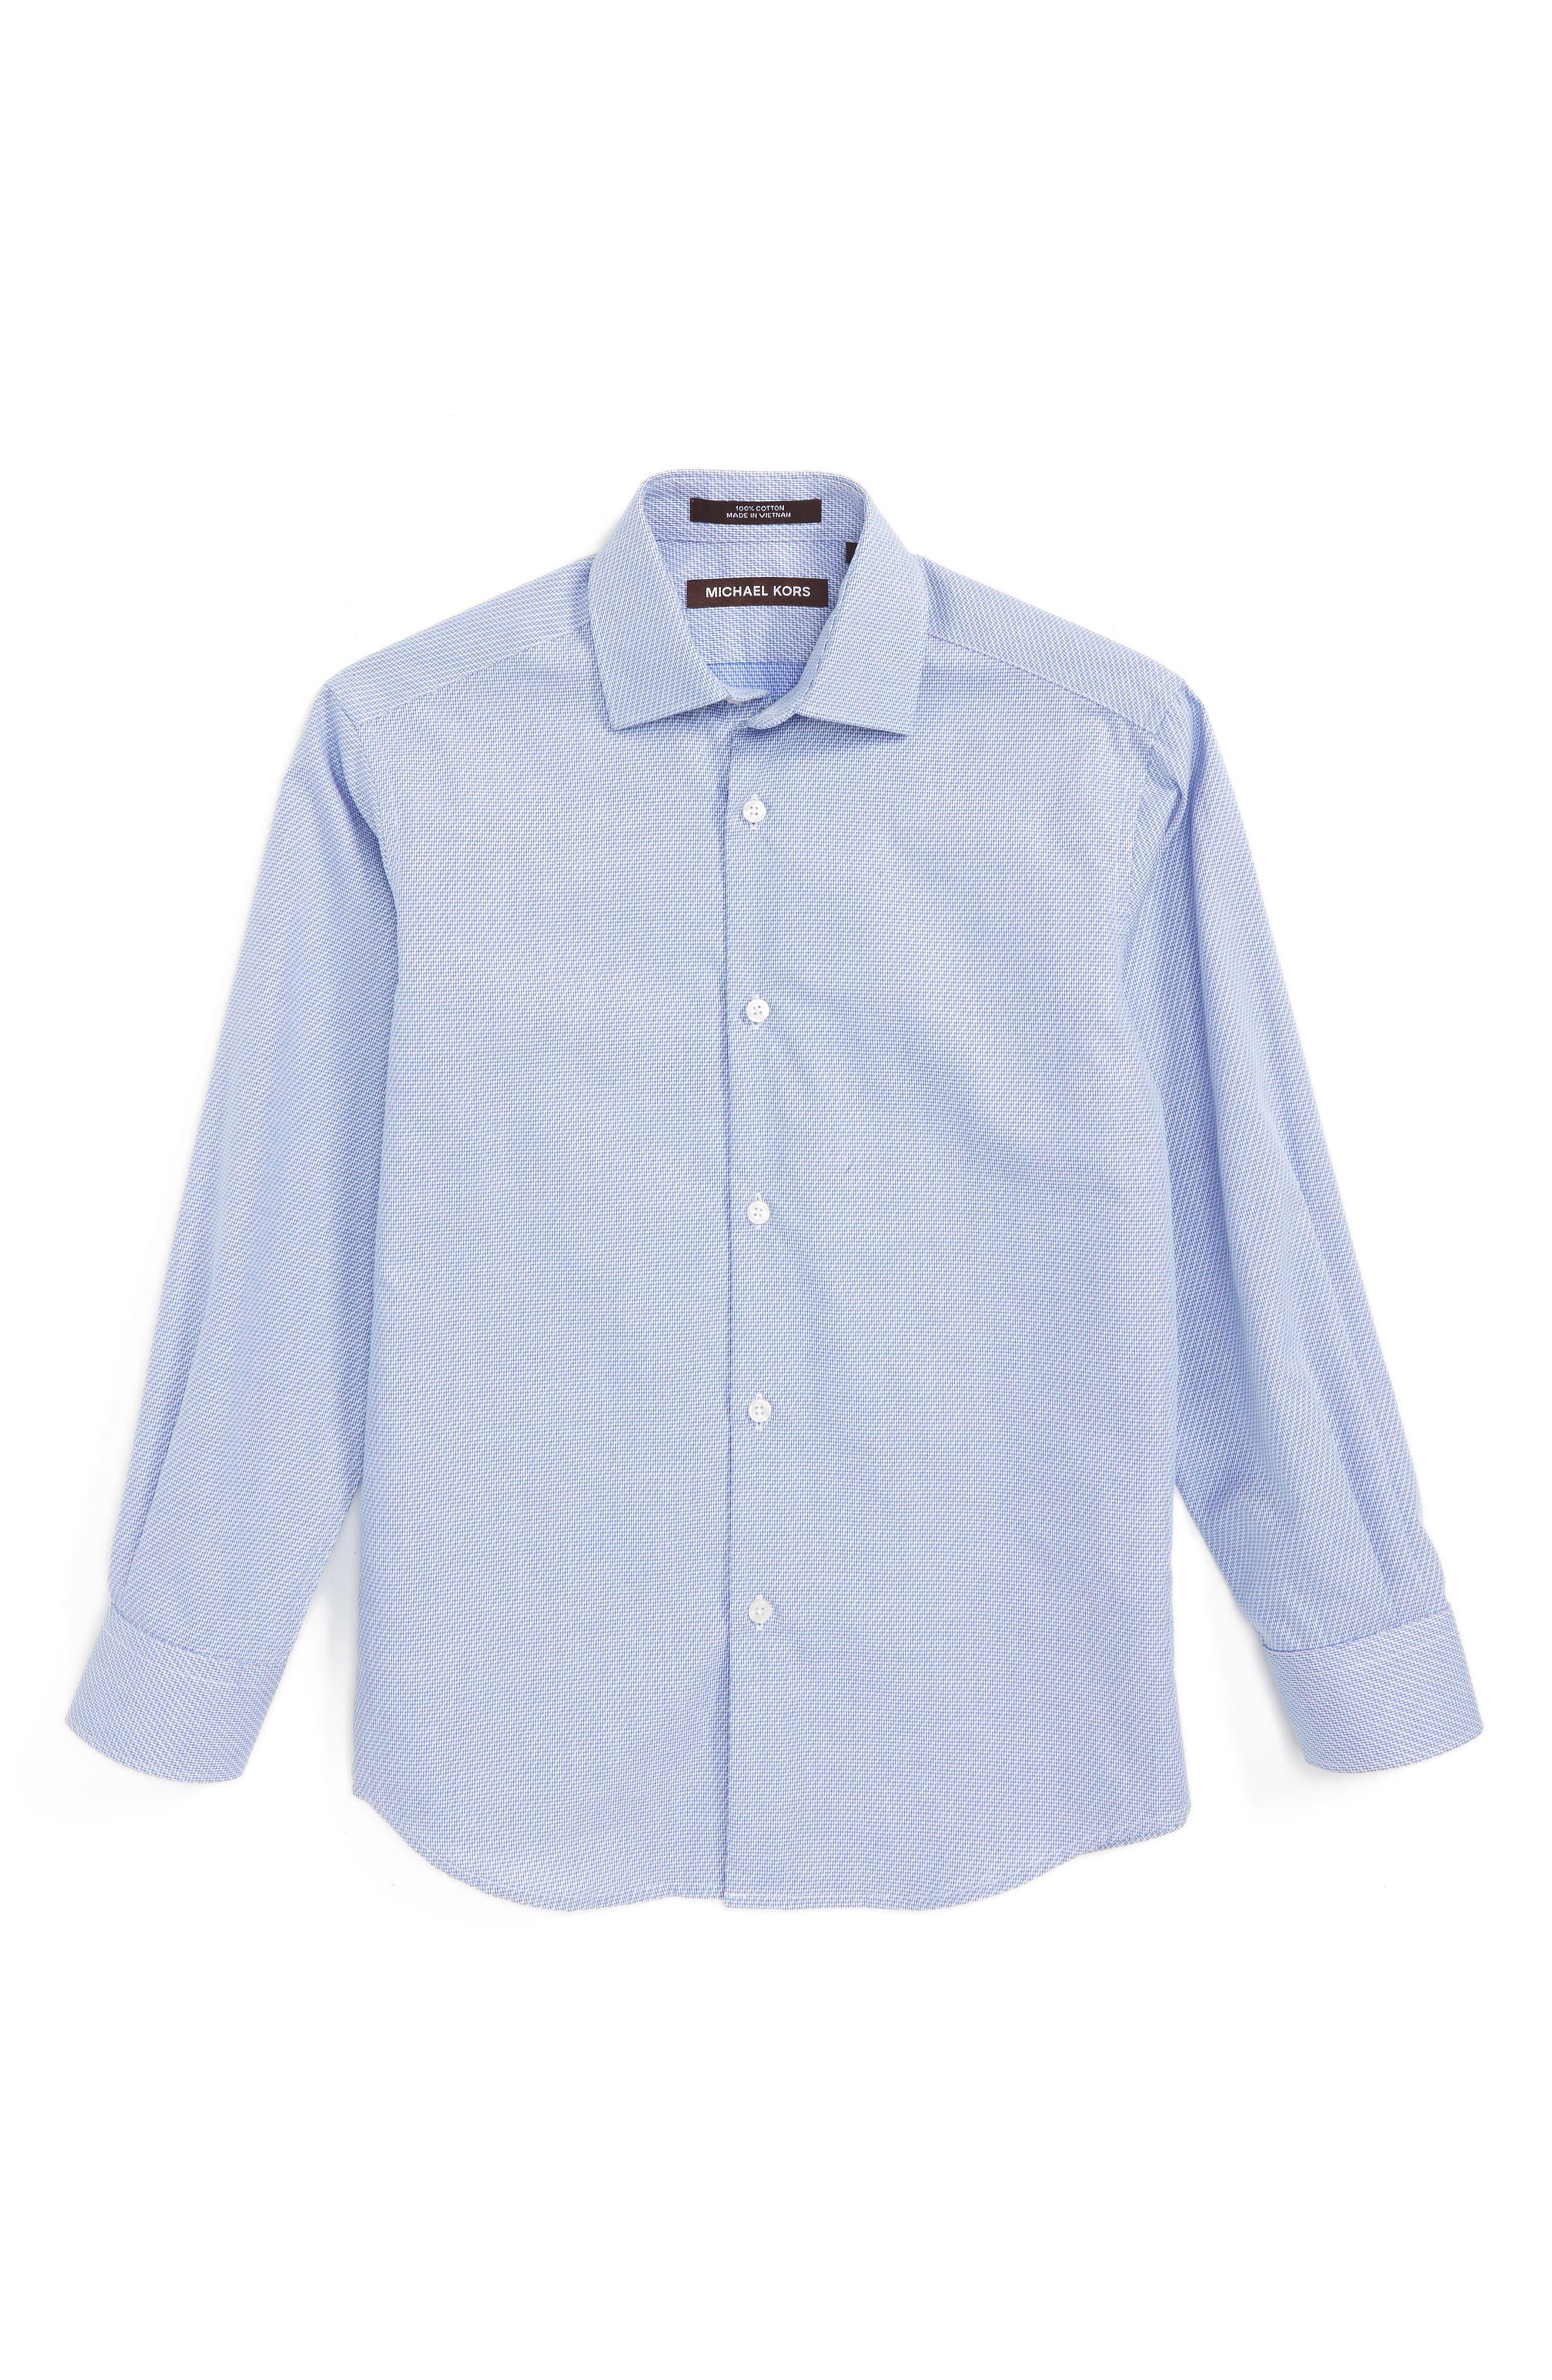 MICHAEL KORS Neat Dress Shirt